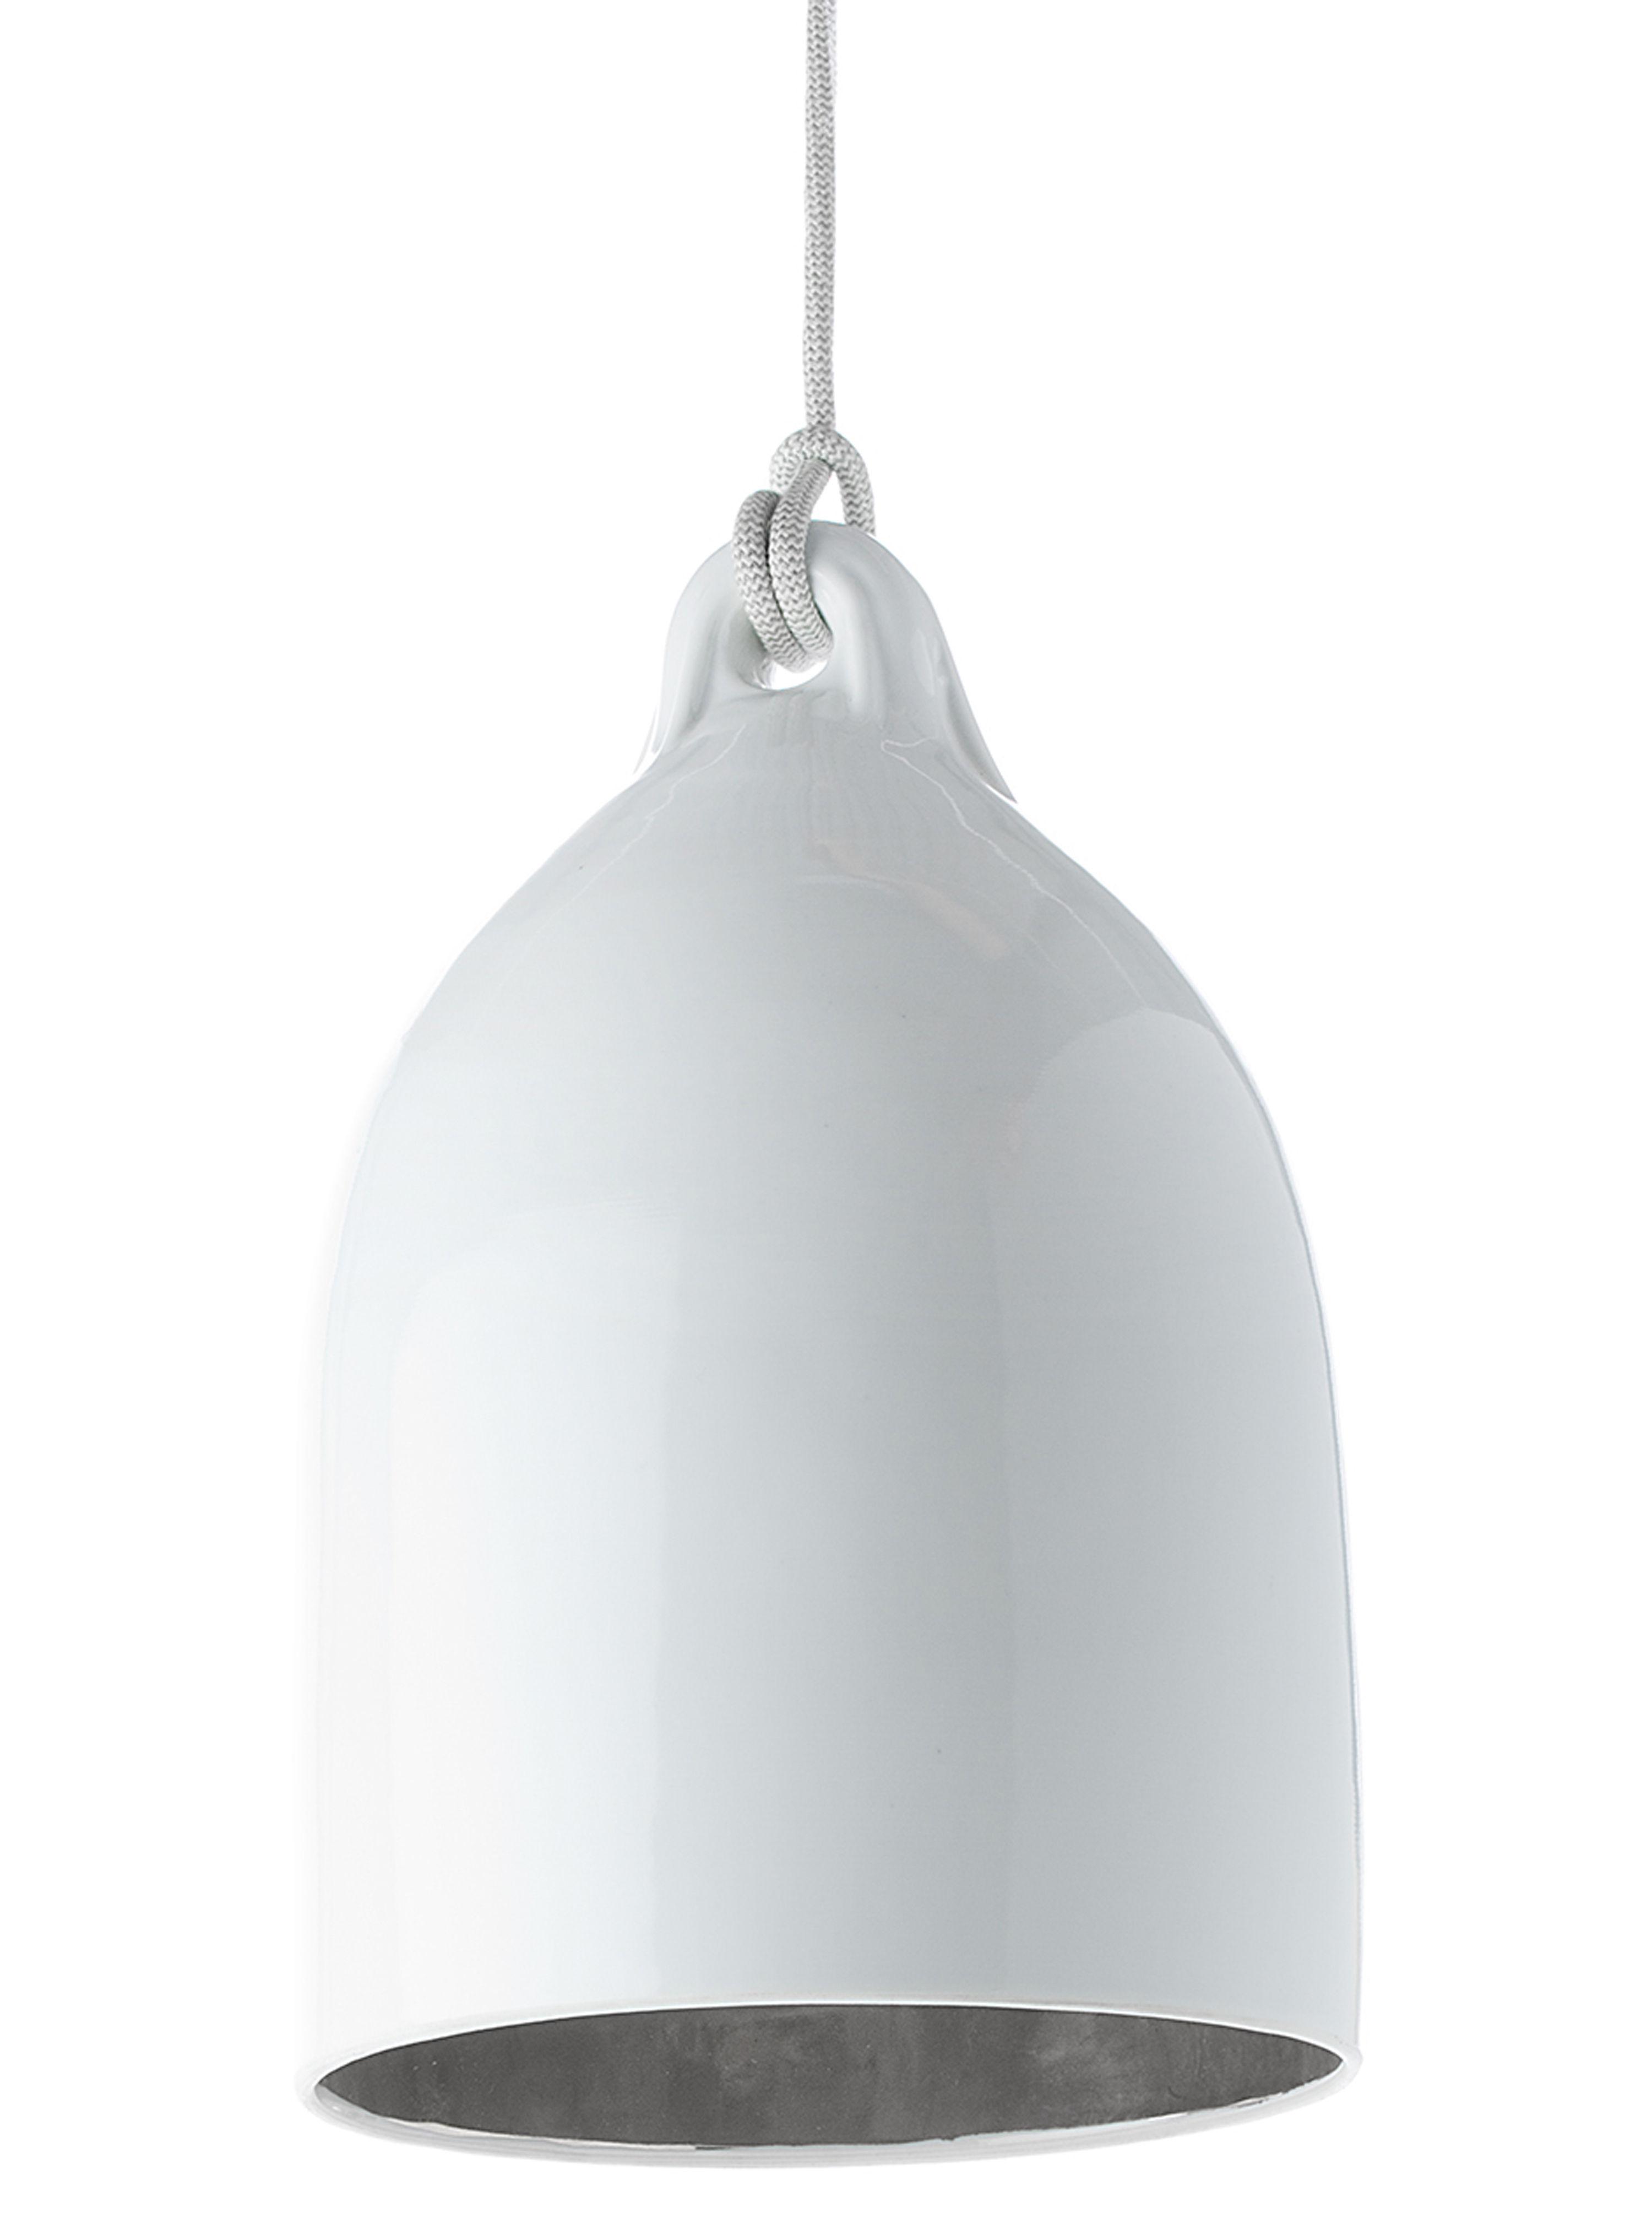 Illuminazione - Lampadari - Sospensione Bufferlamp - edizione limitata argento di Pols Potten - Bianco brillante & interno argento - Porcellana